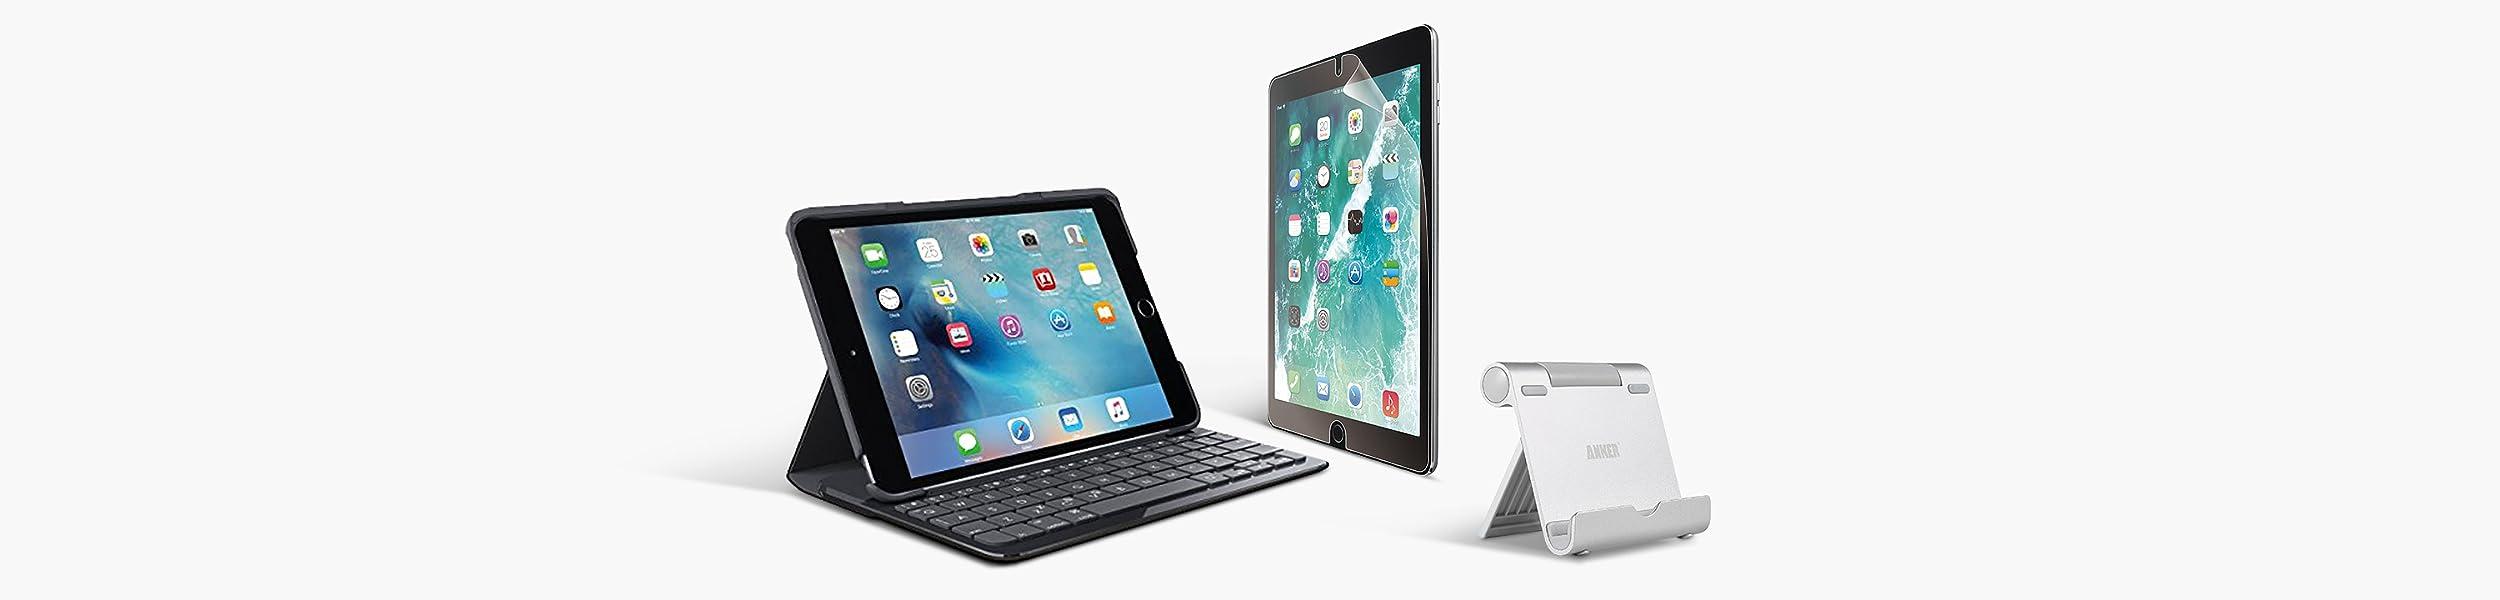 iPadアクセサリーストア